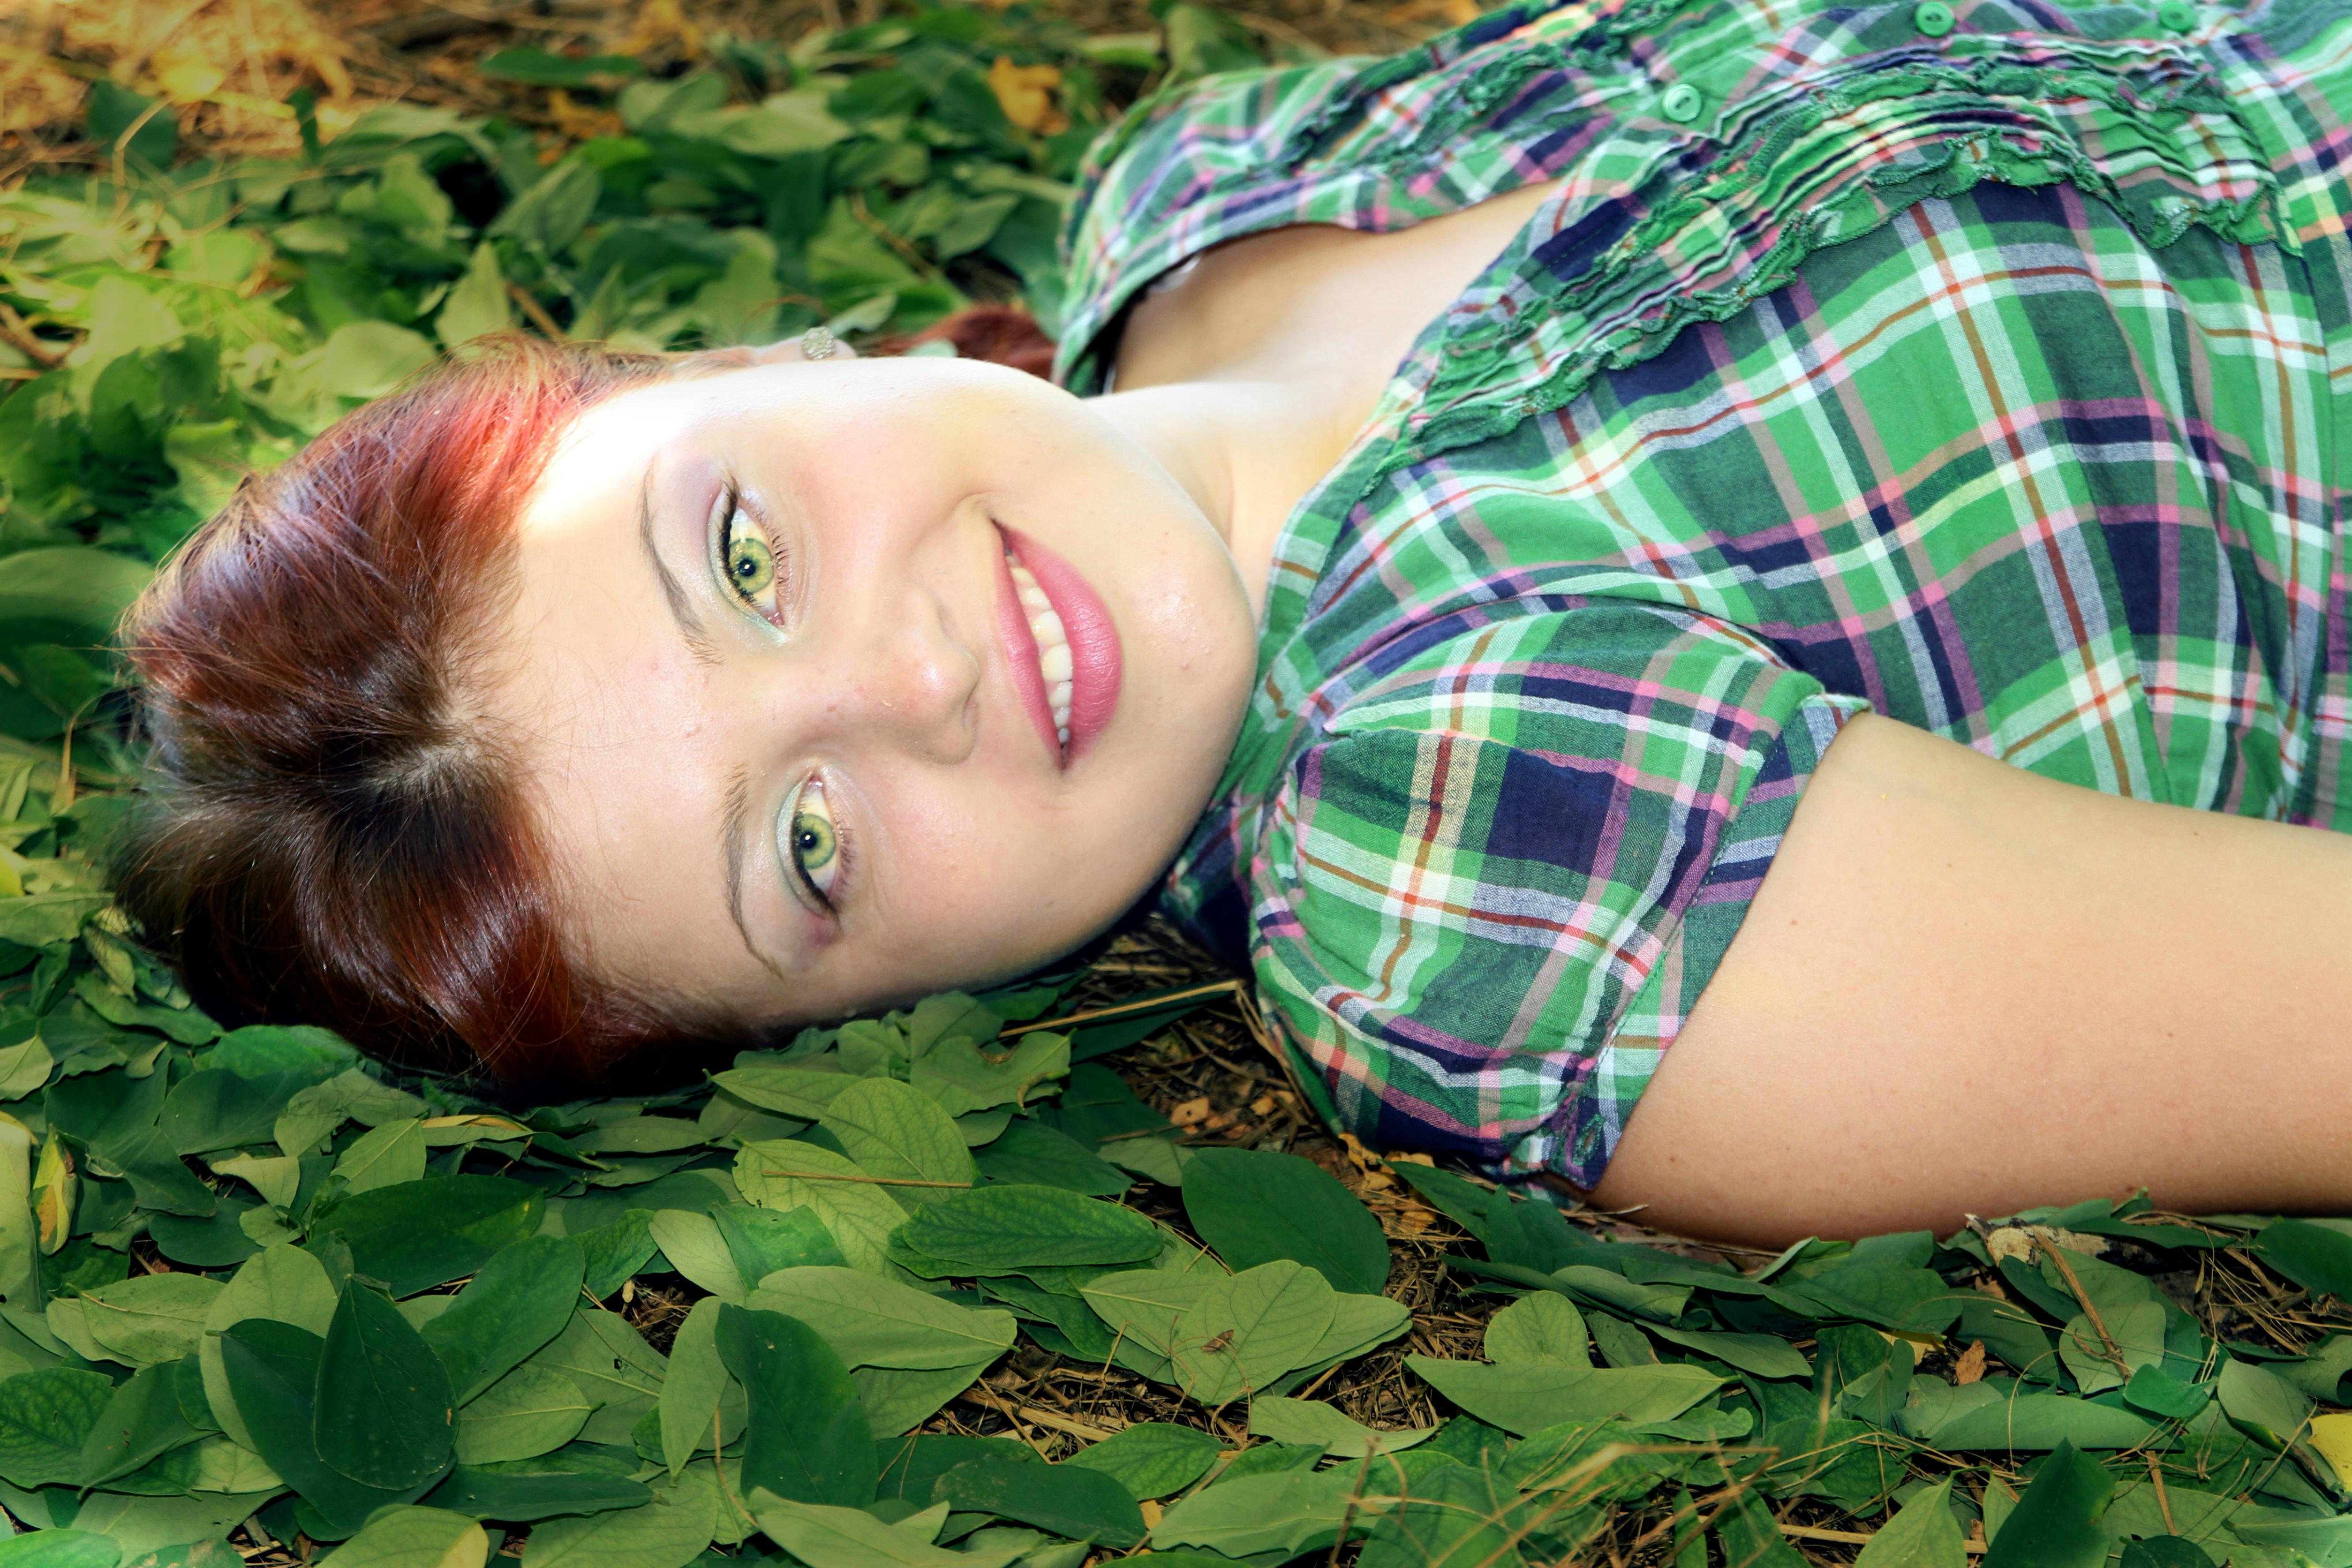 Mädchen mit roten haaren und grünen augen